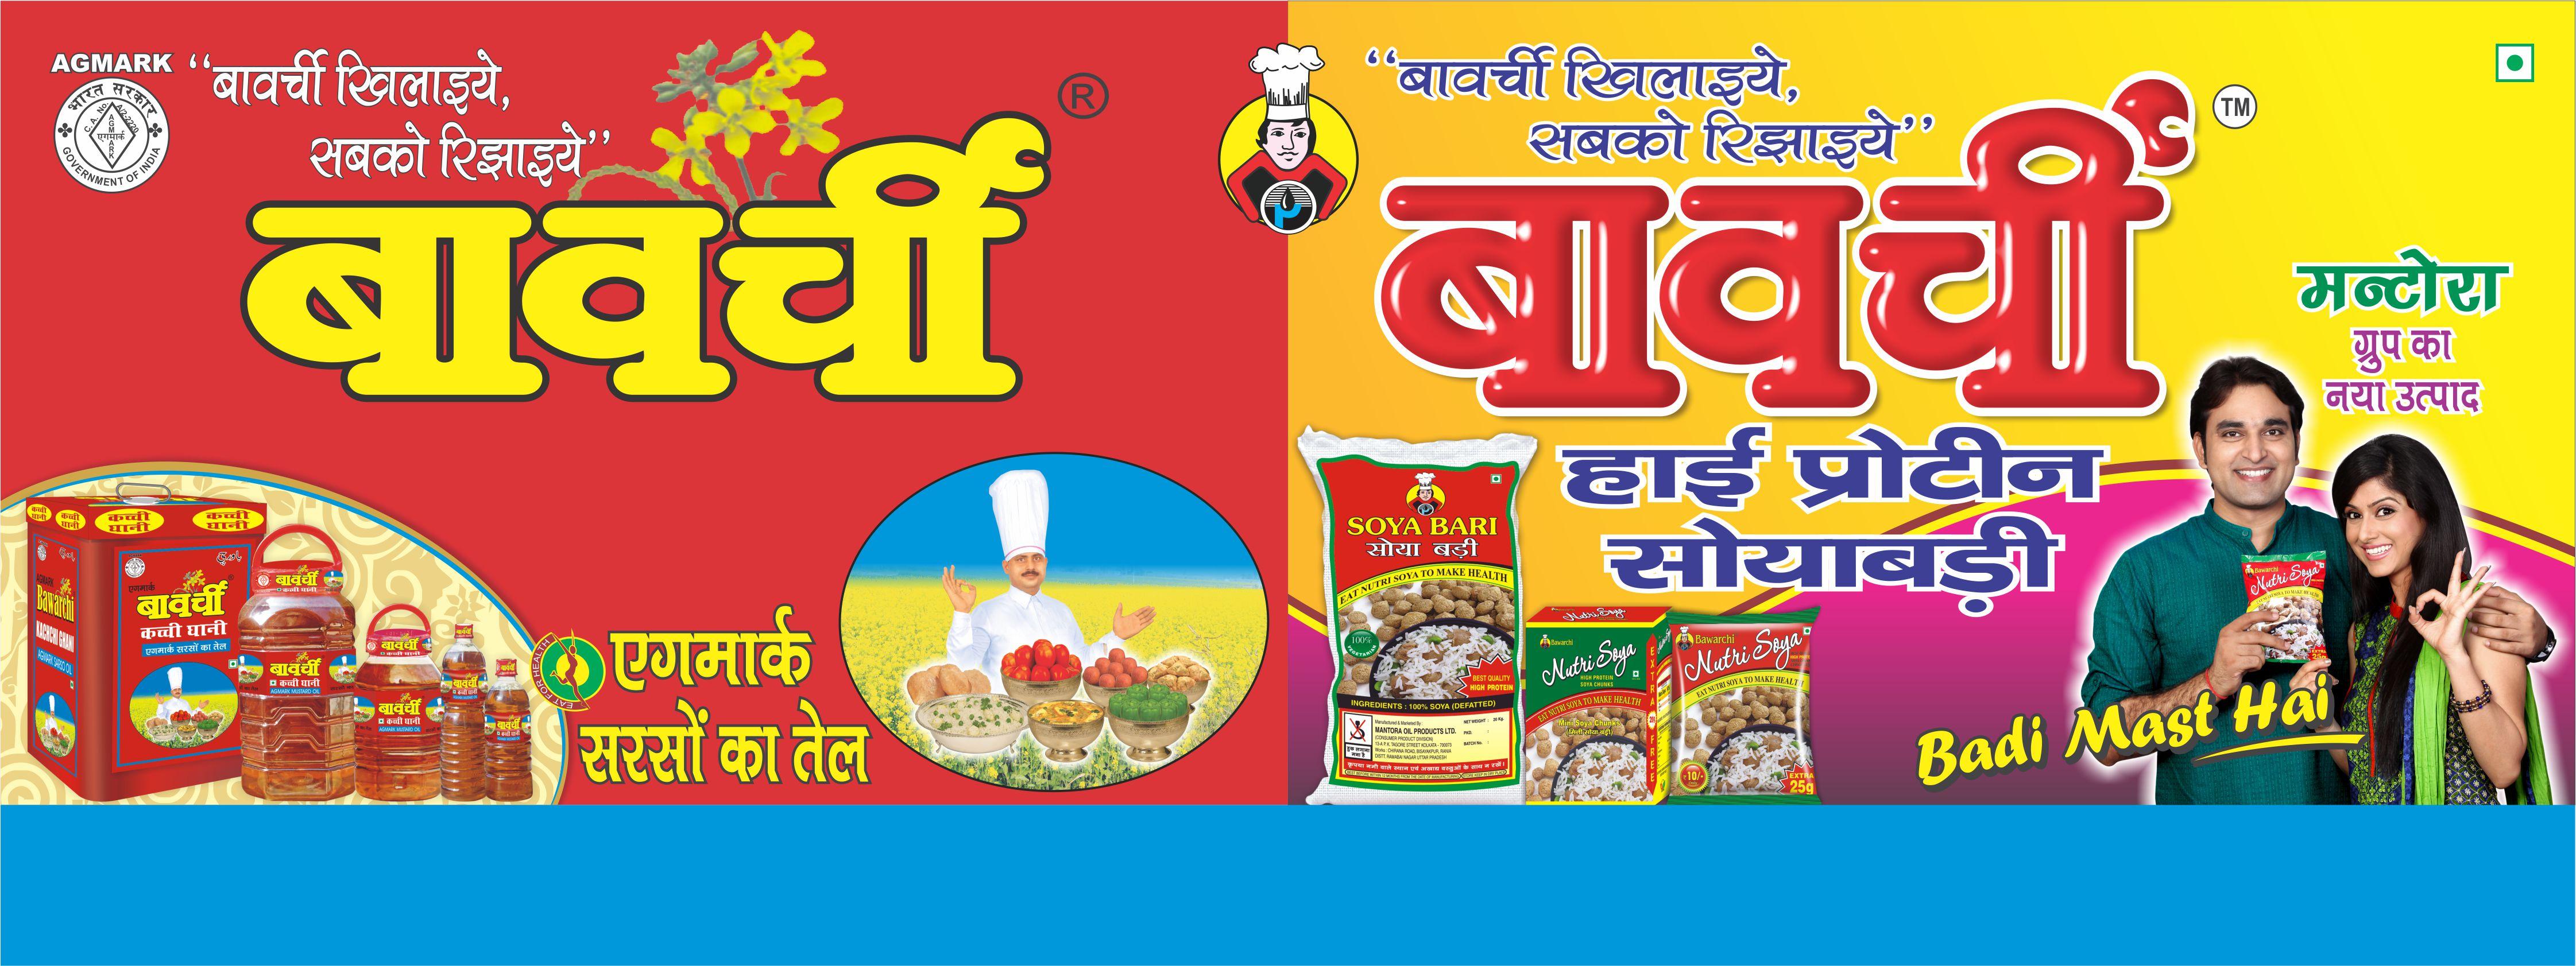 Mantora Oil Products Ltd